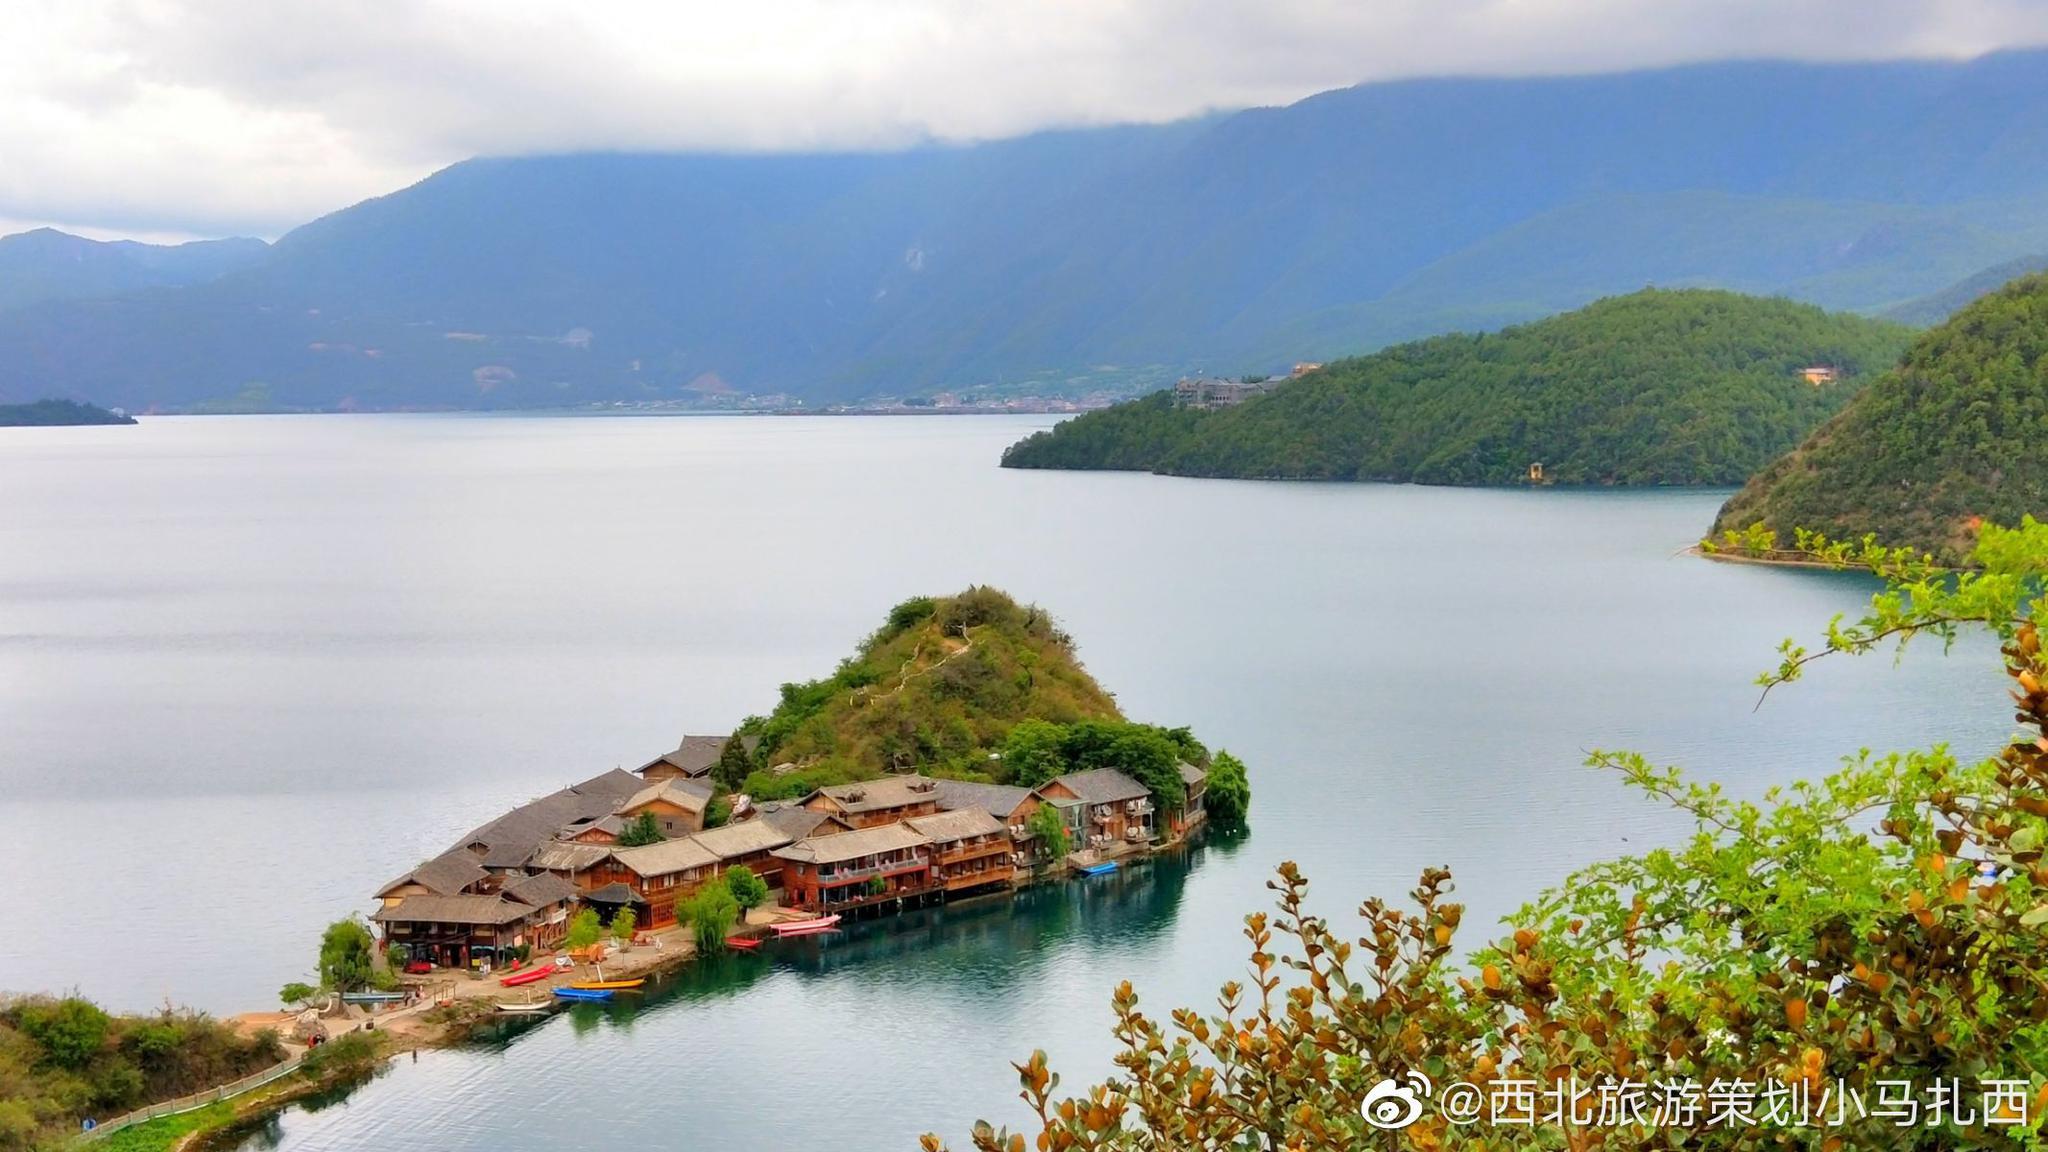 镜头下的泸沽湖